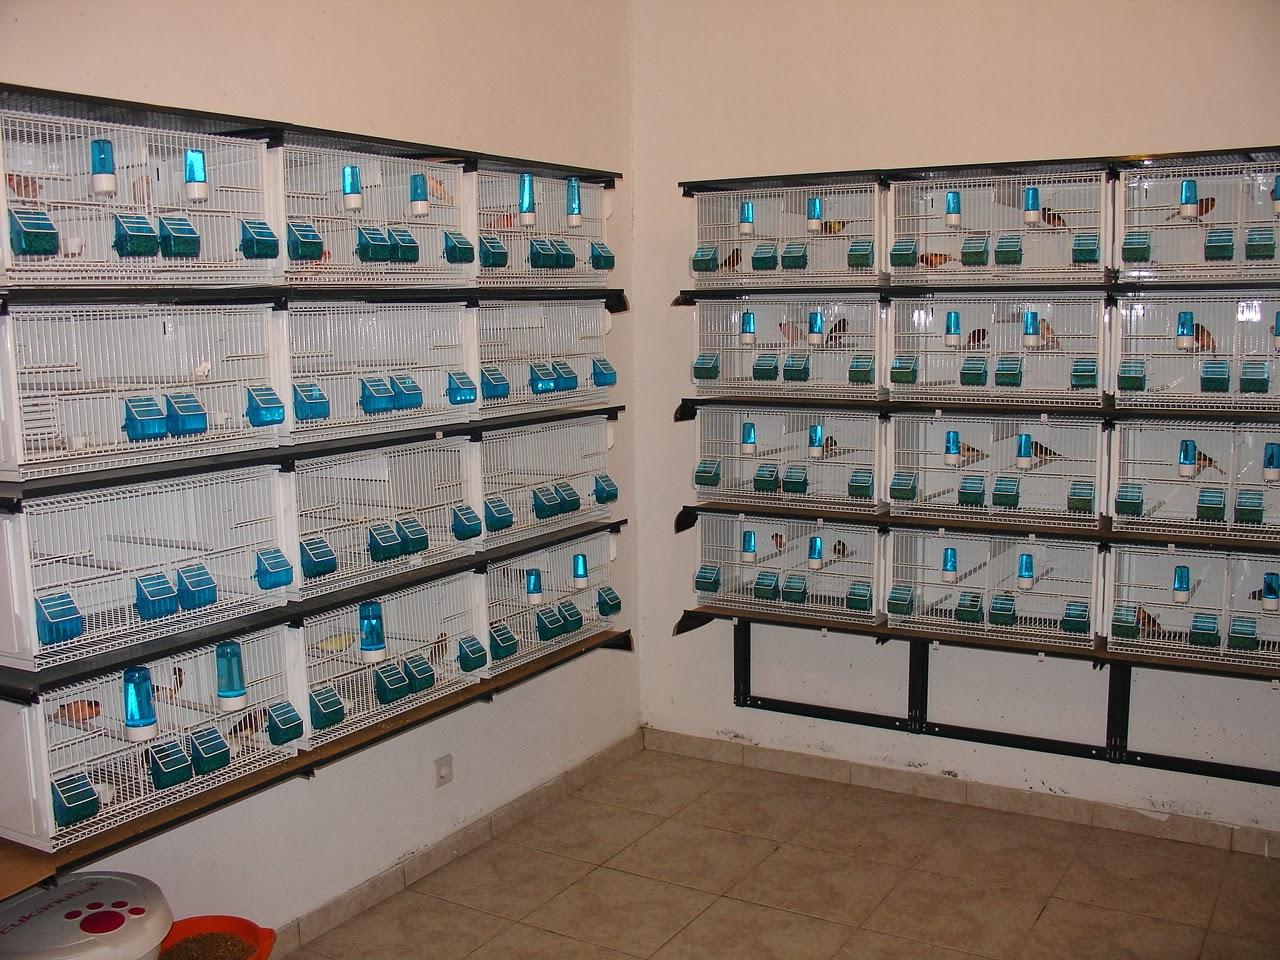 Canarios pfreixo vendo viveiros terenziani modelo cilea 6030 - Modulos de canarios ...